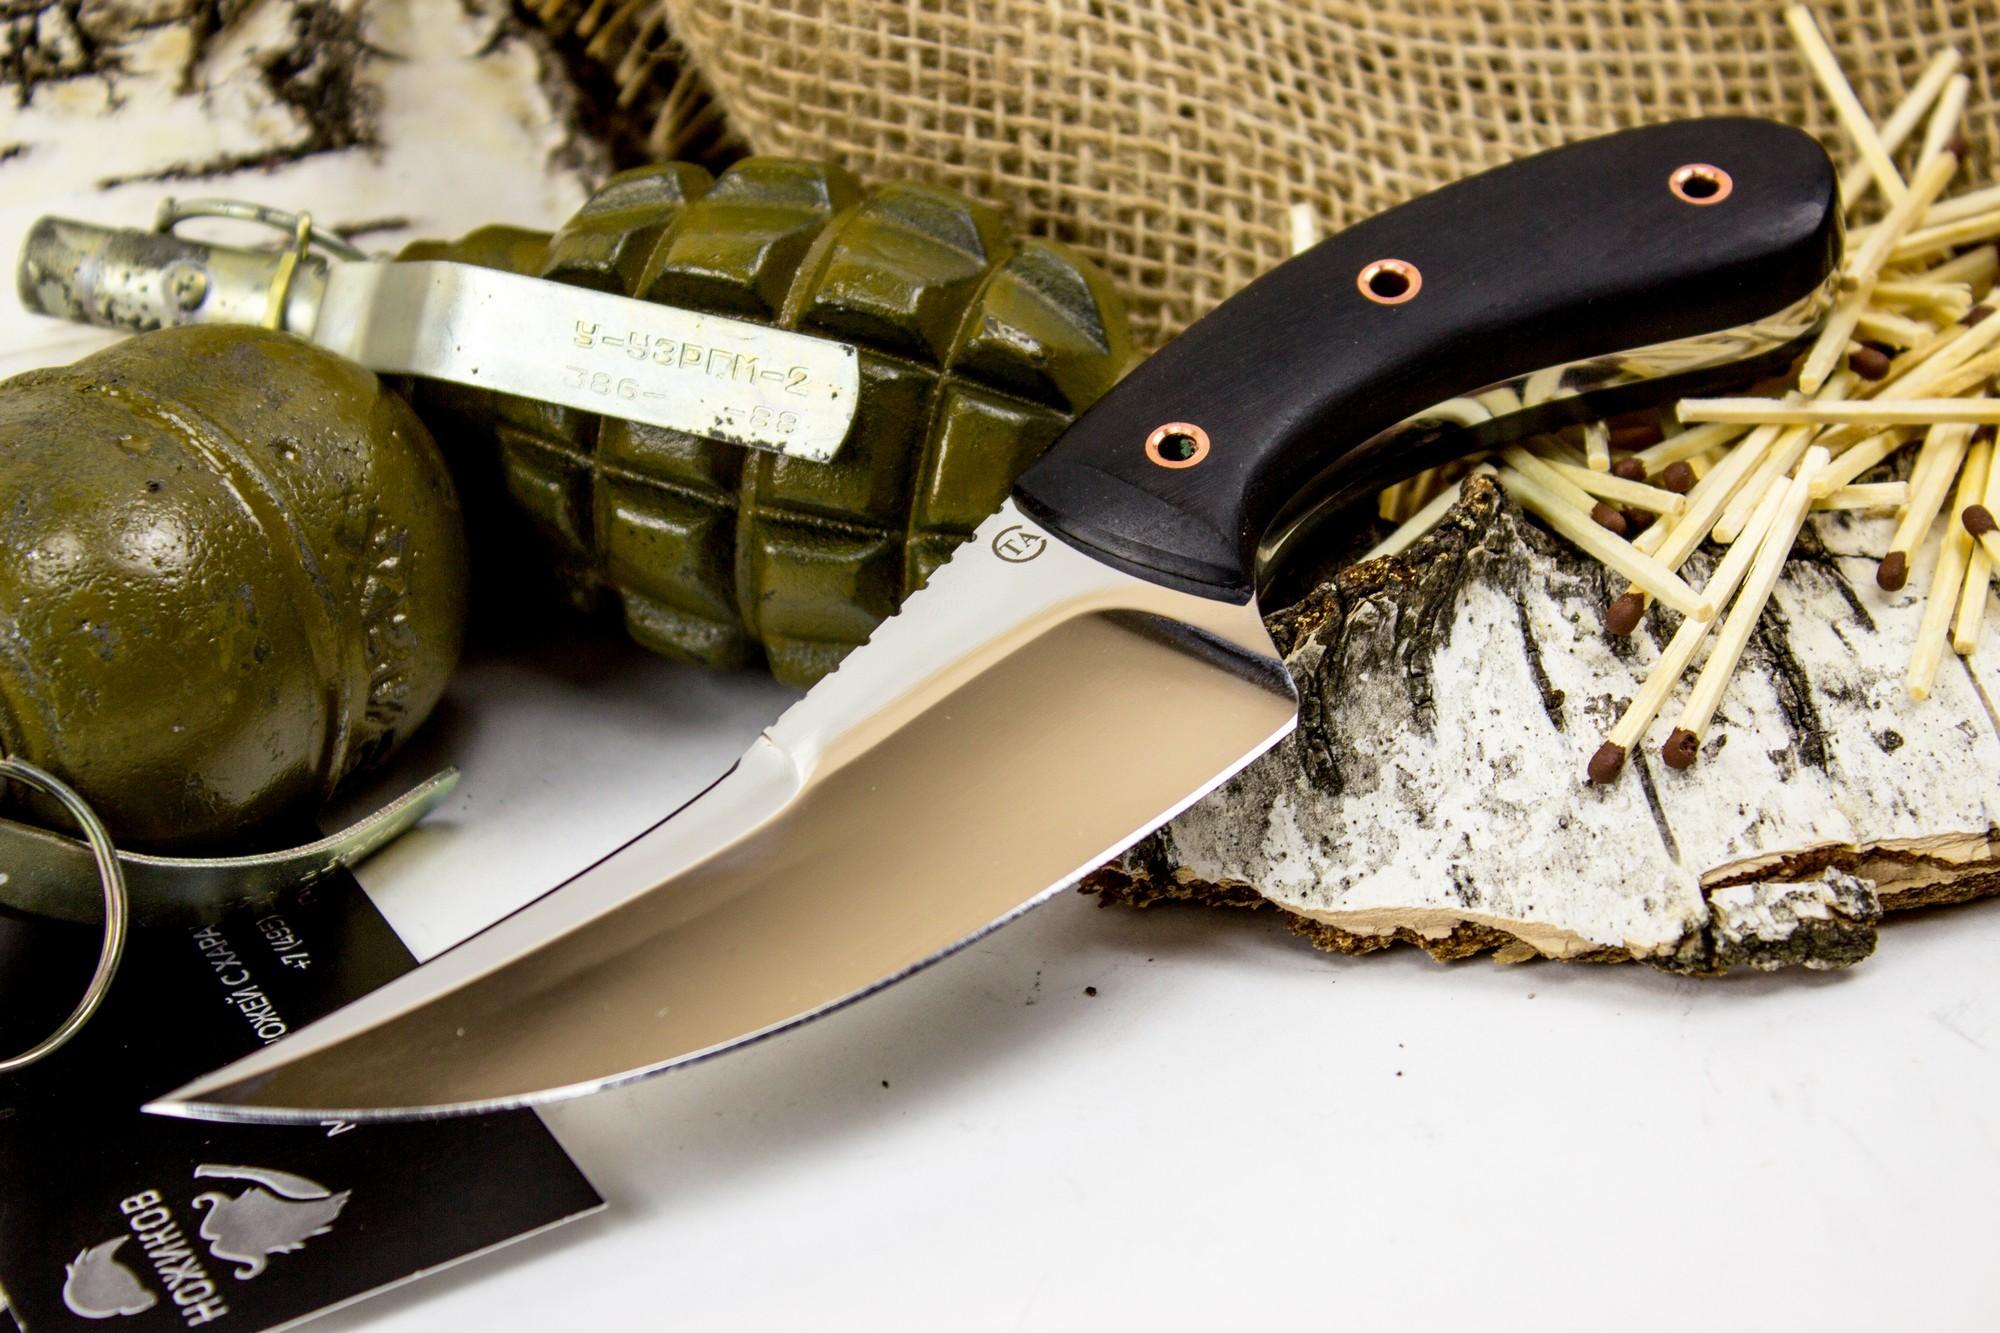 Фото 2 - Нож Клык-1, сталь 95х18, дерево от Титов и Солдатова